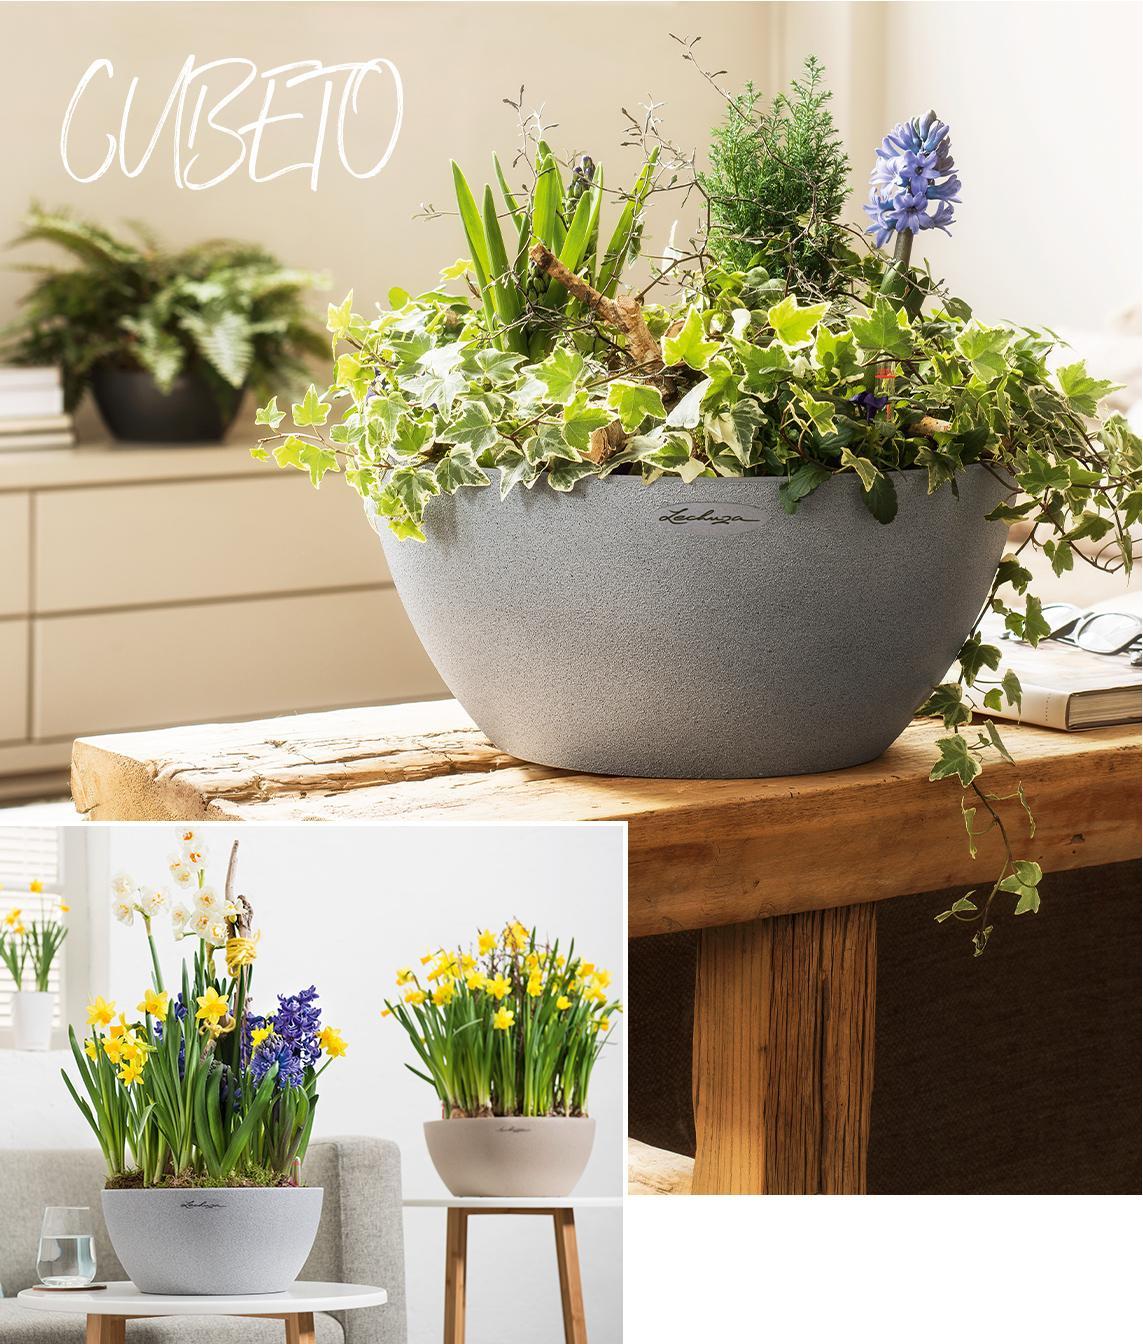 'Серые цветочные кашпо с посаженными в них прекрасными ранними цветами